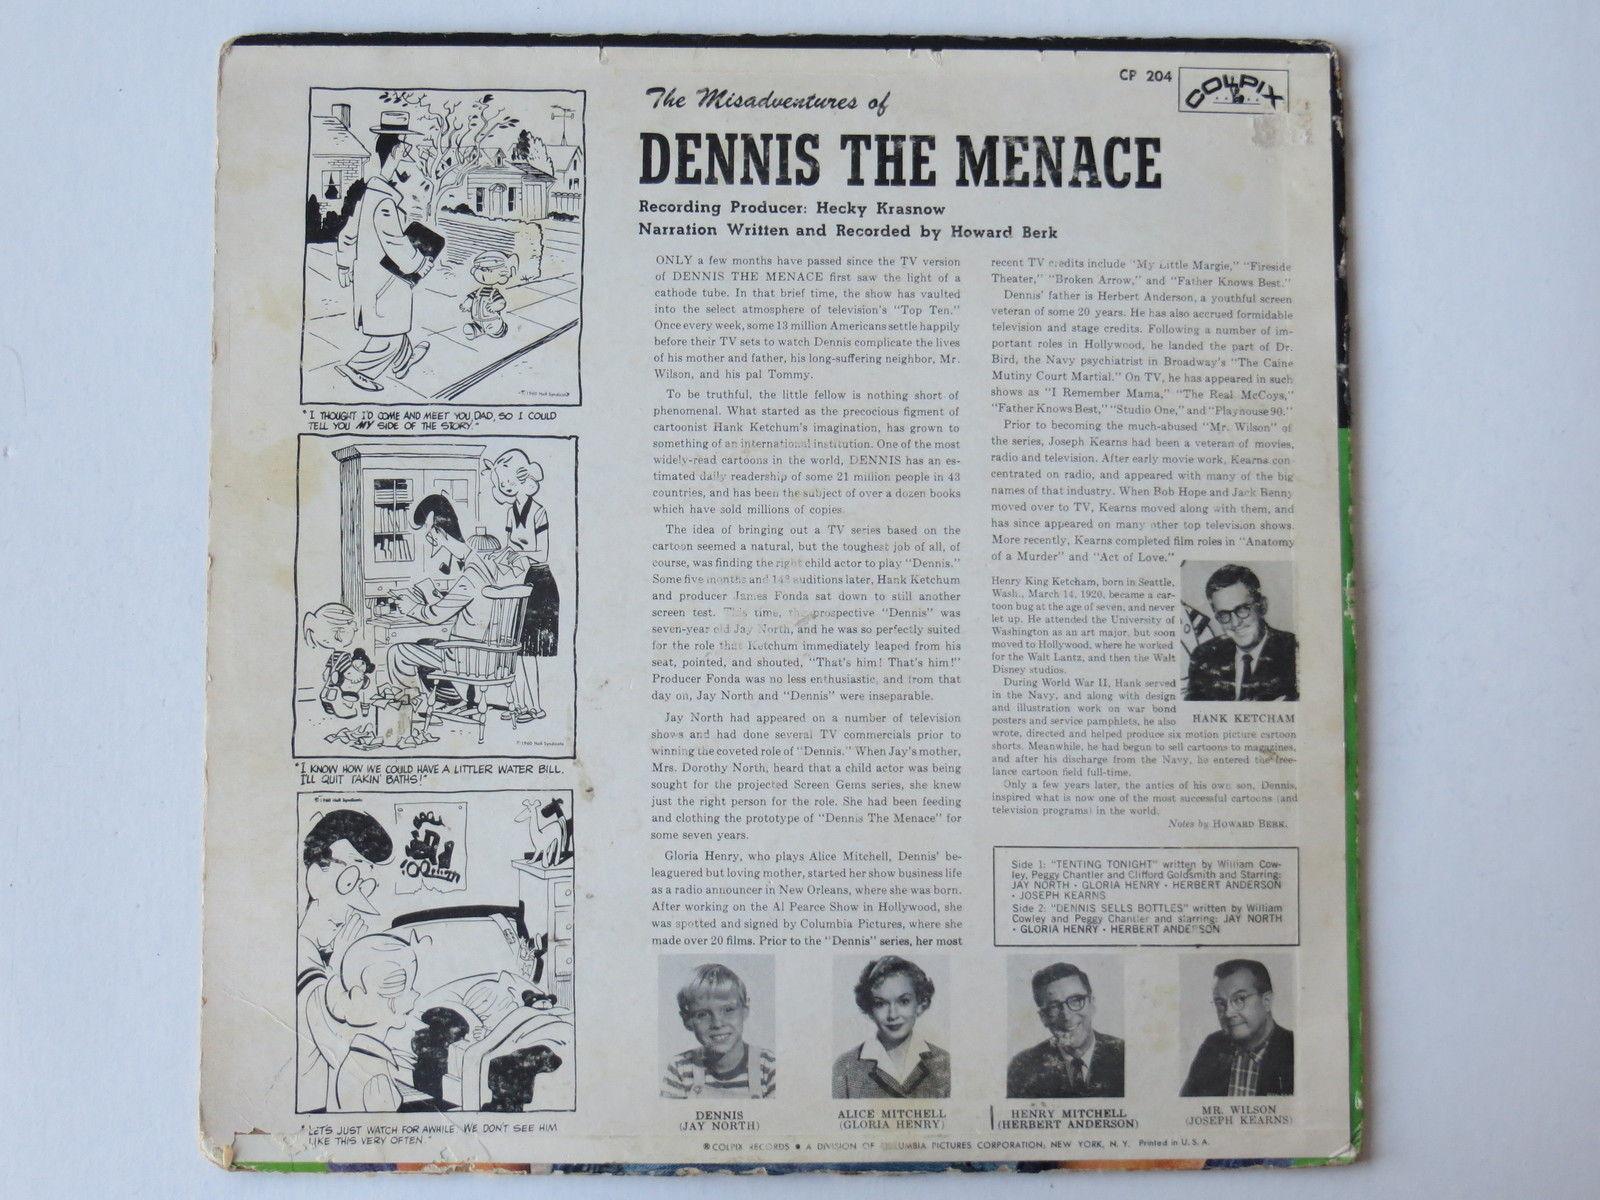 Dennis_the_Menace_Signed_Album_Cover